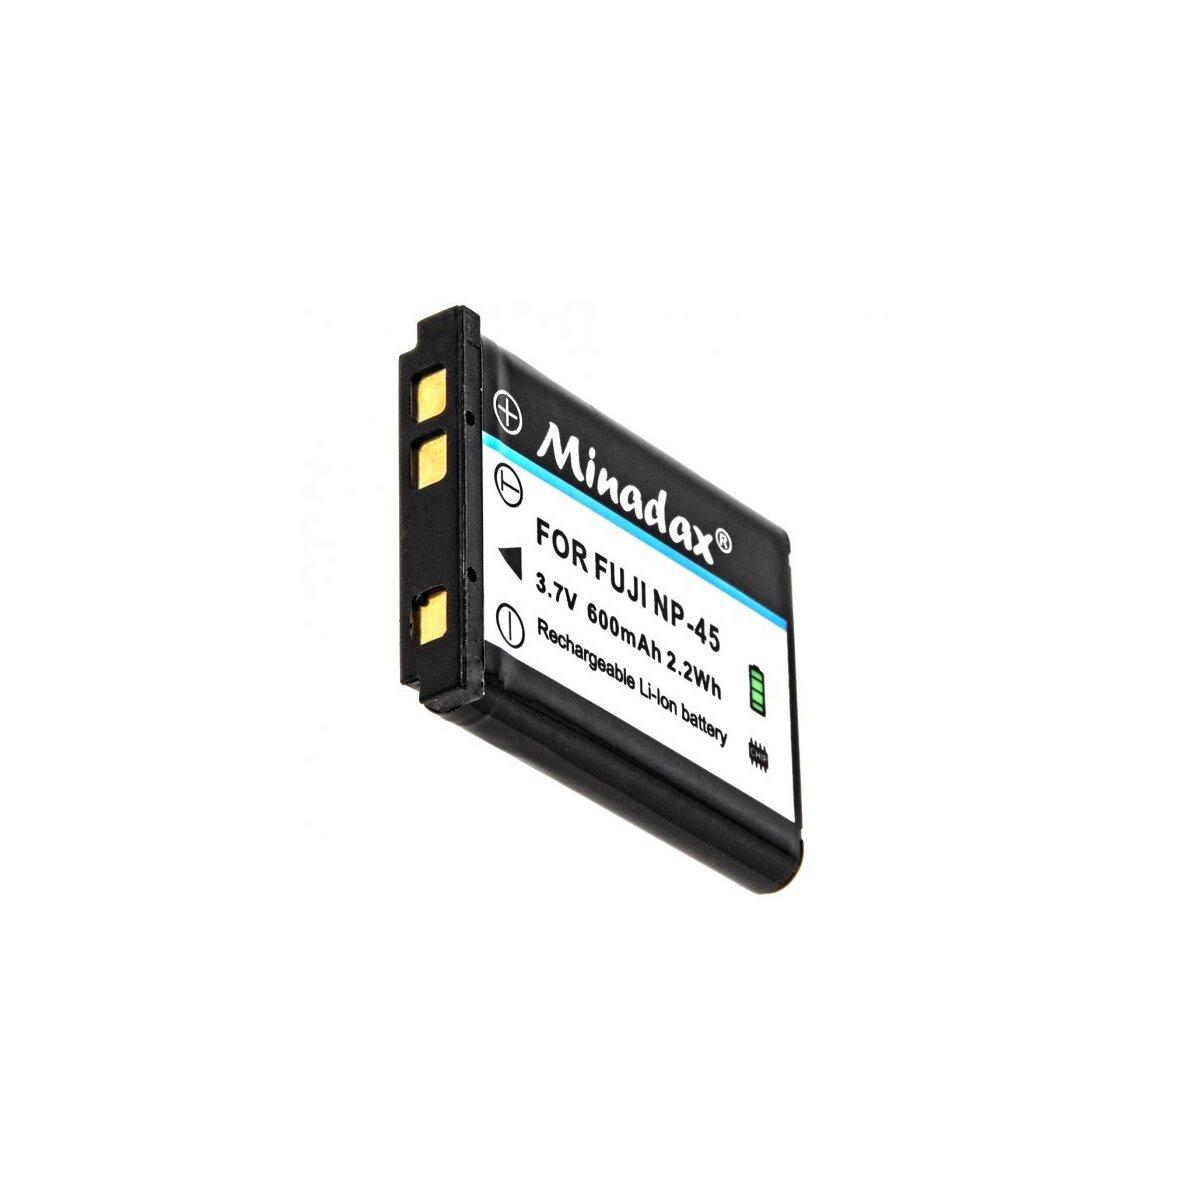 Minadax® Qualitaetsakku mit echten 600 mAh fuer FujiFilm, wie NP-45 - Intelligentes Akkusystem mit Chip